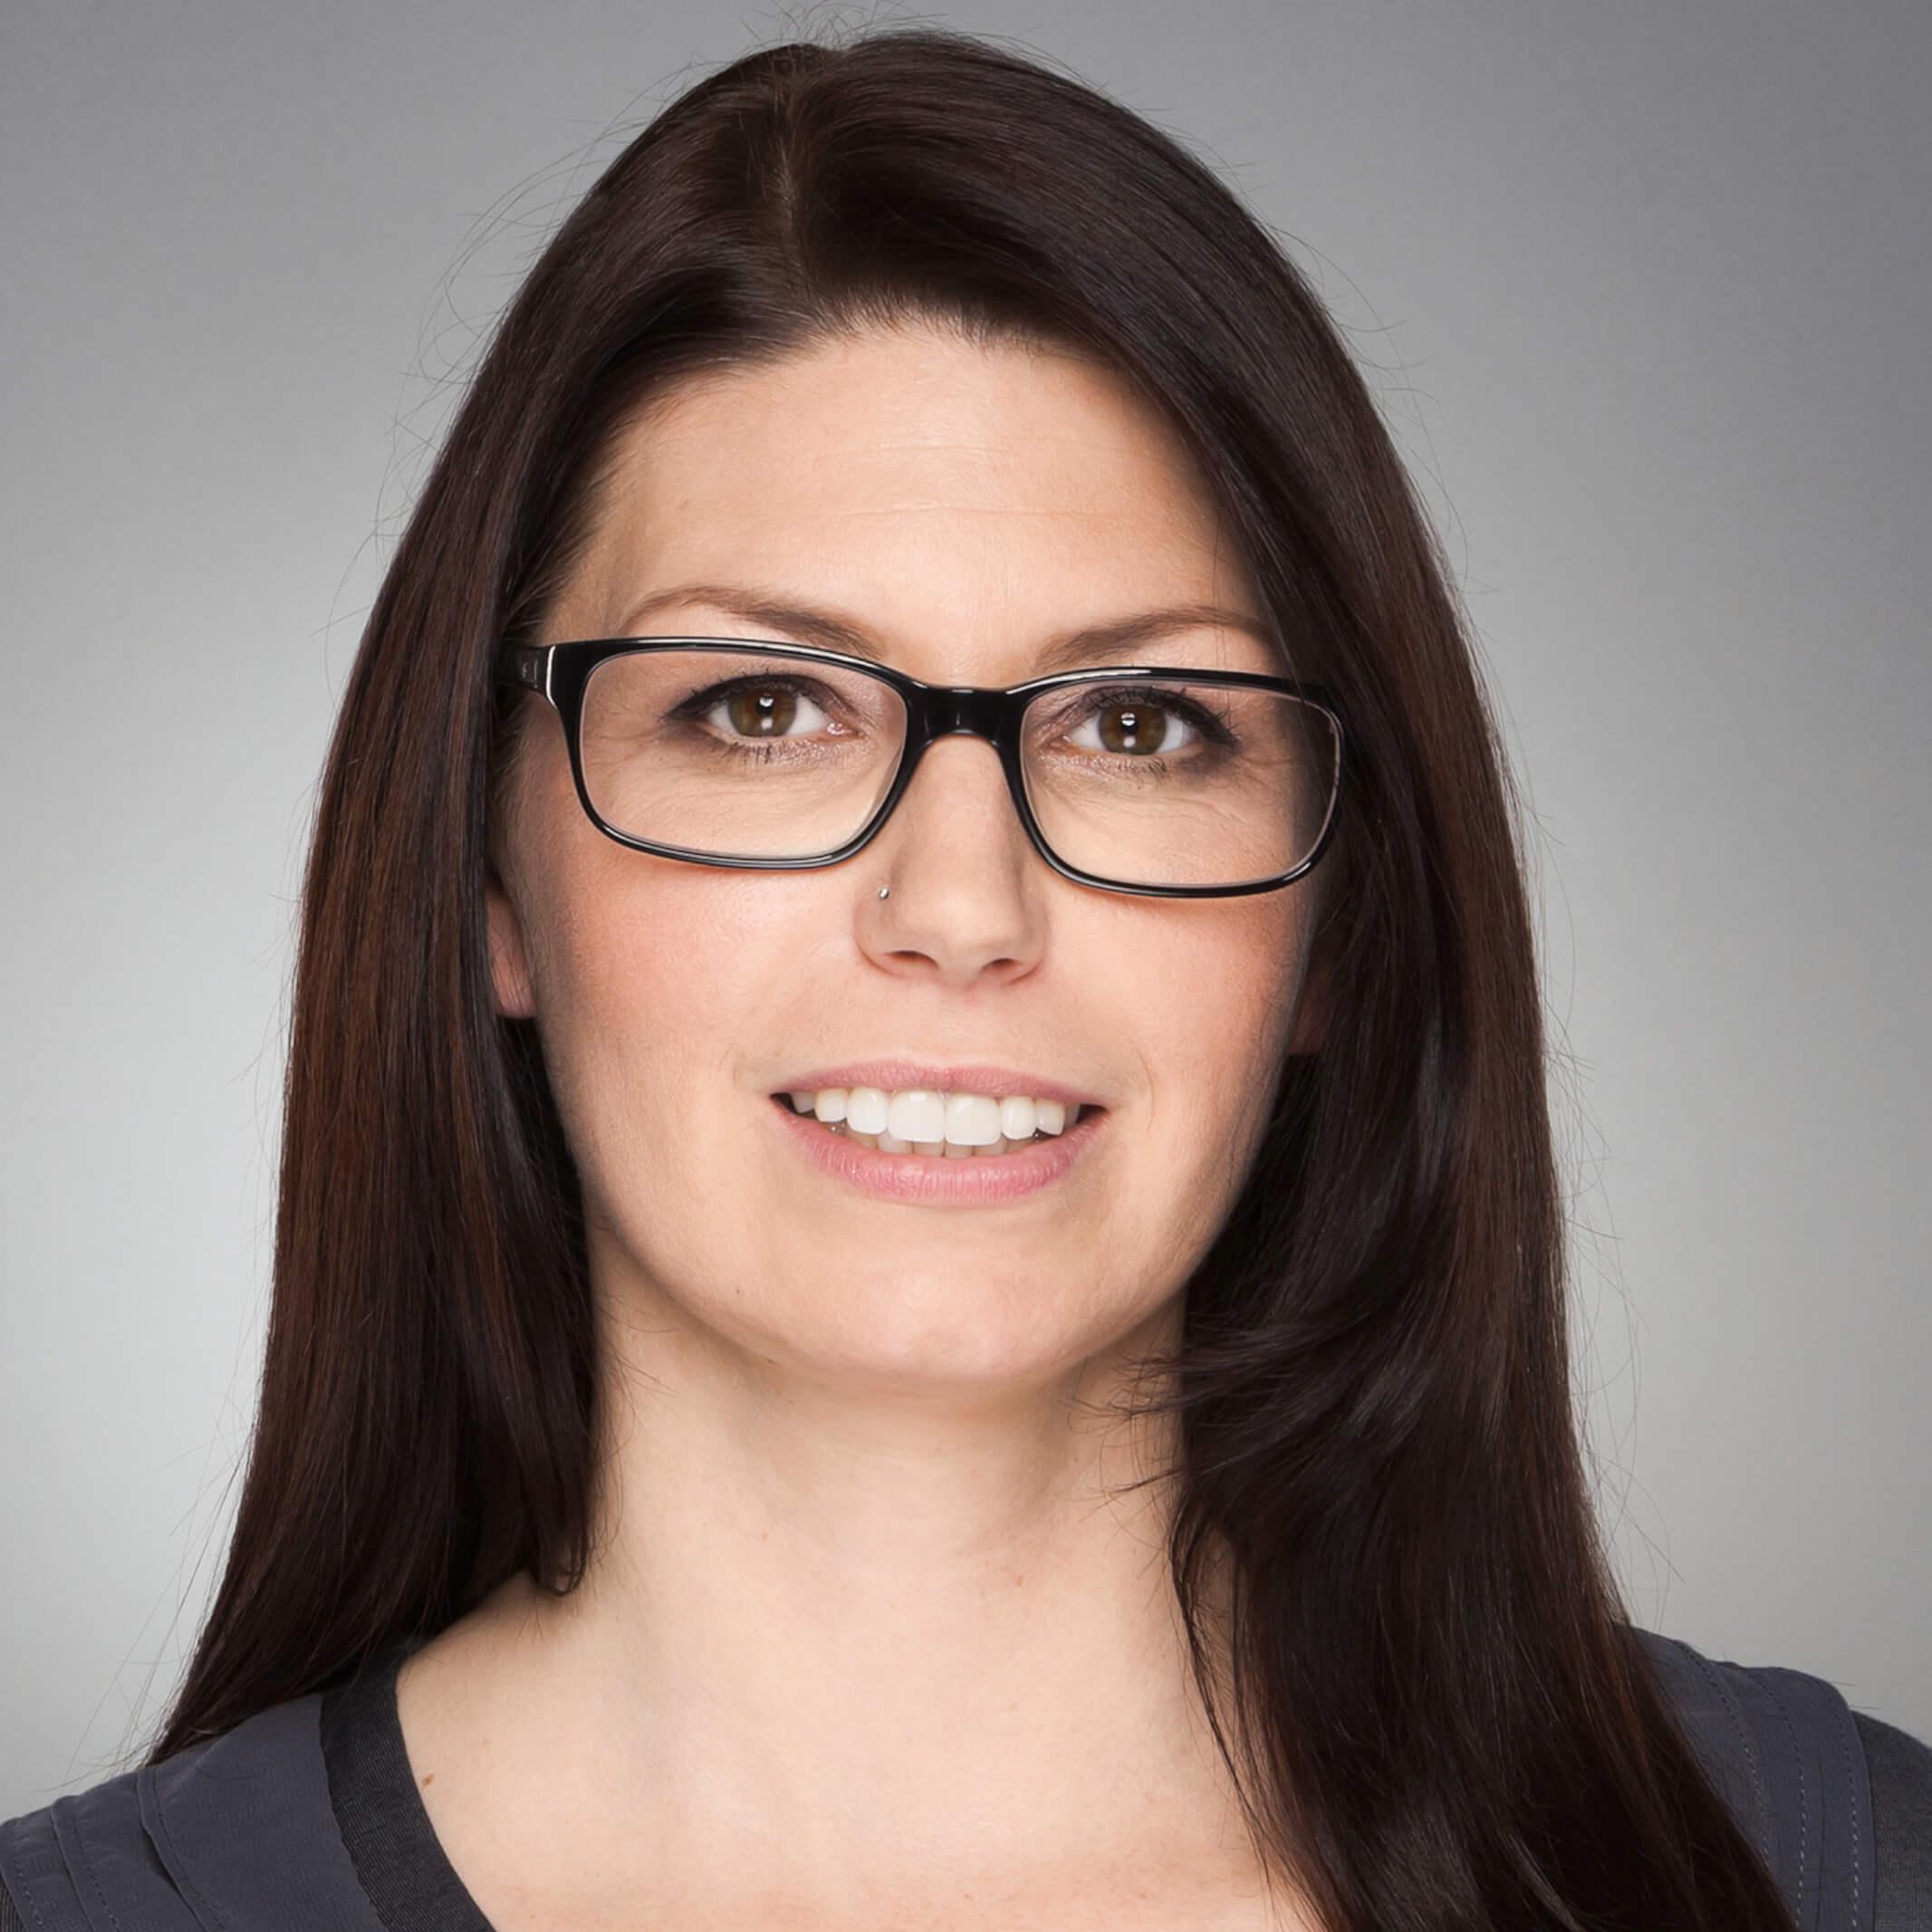 Melanie Hein Human Resources Manager